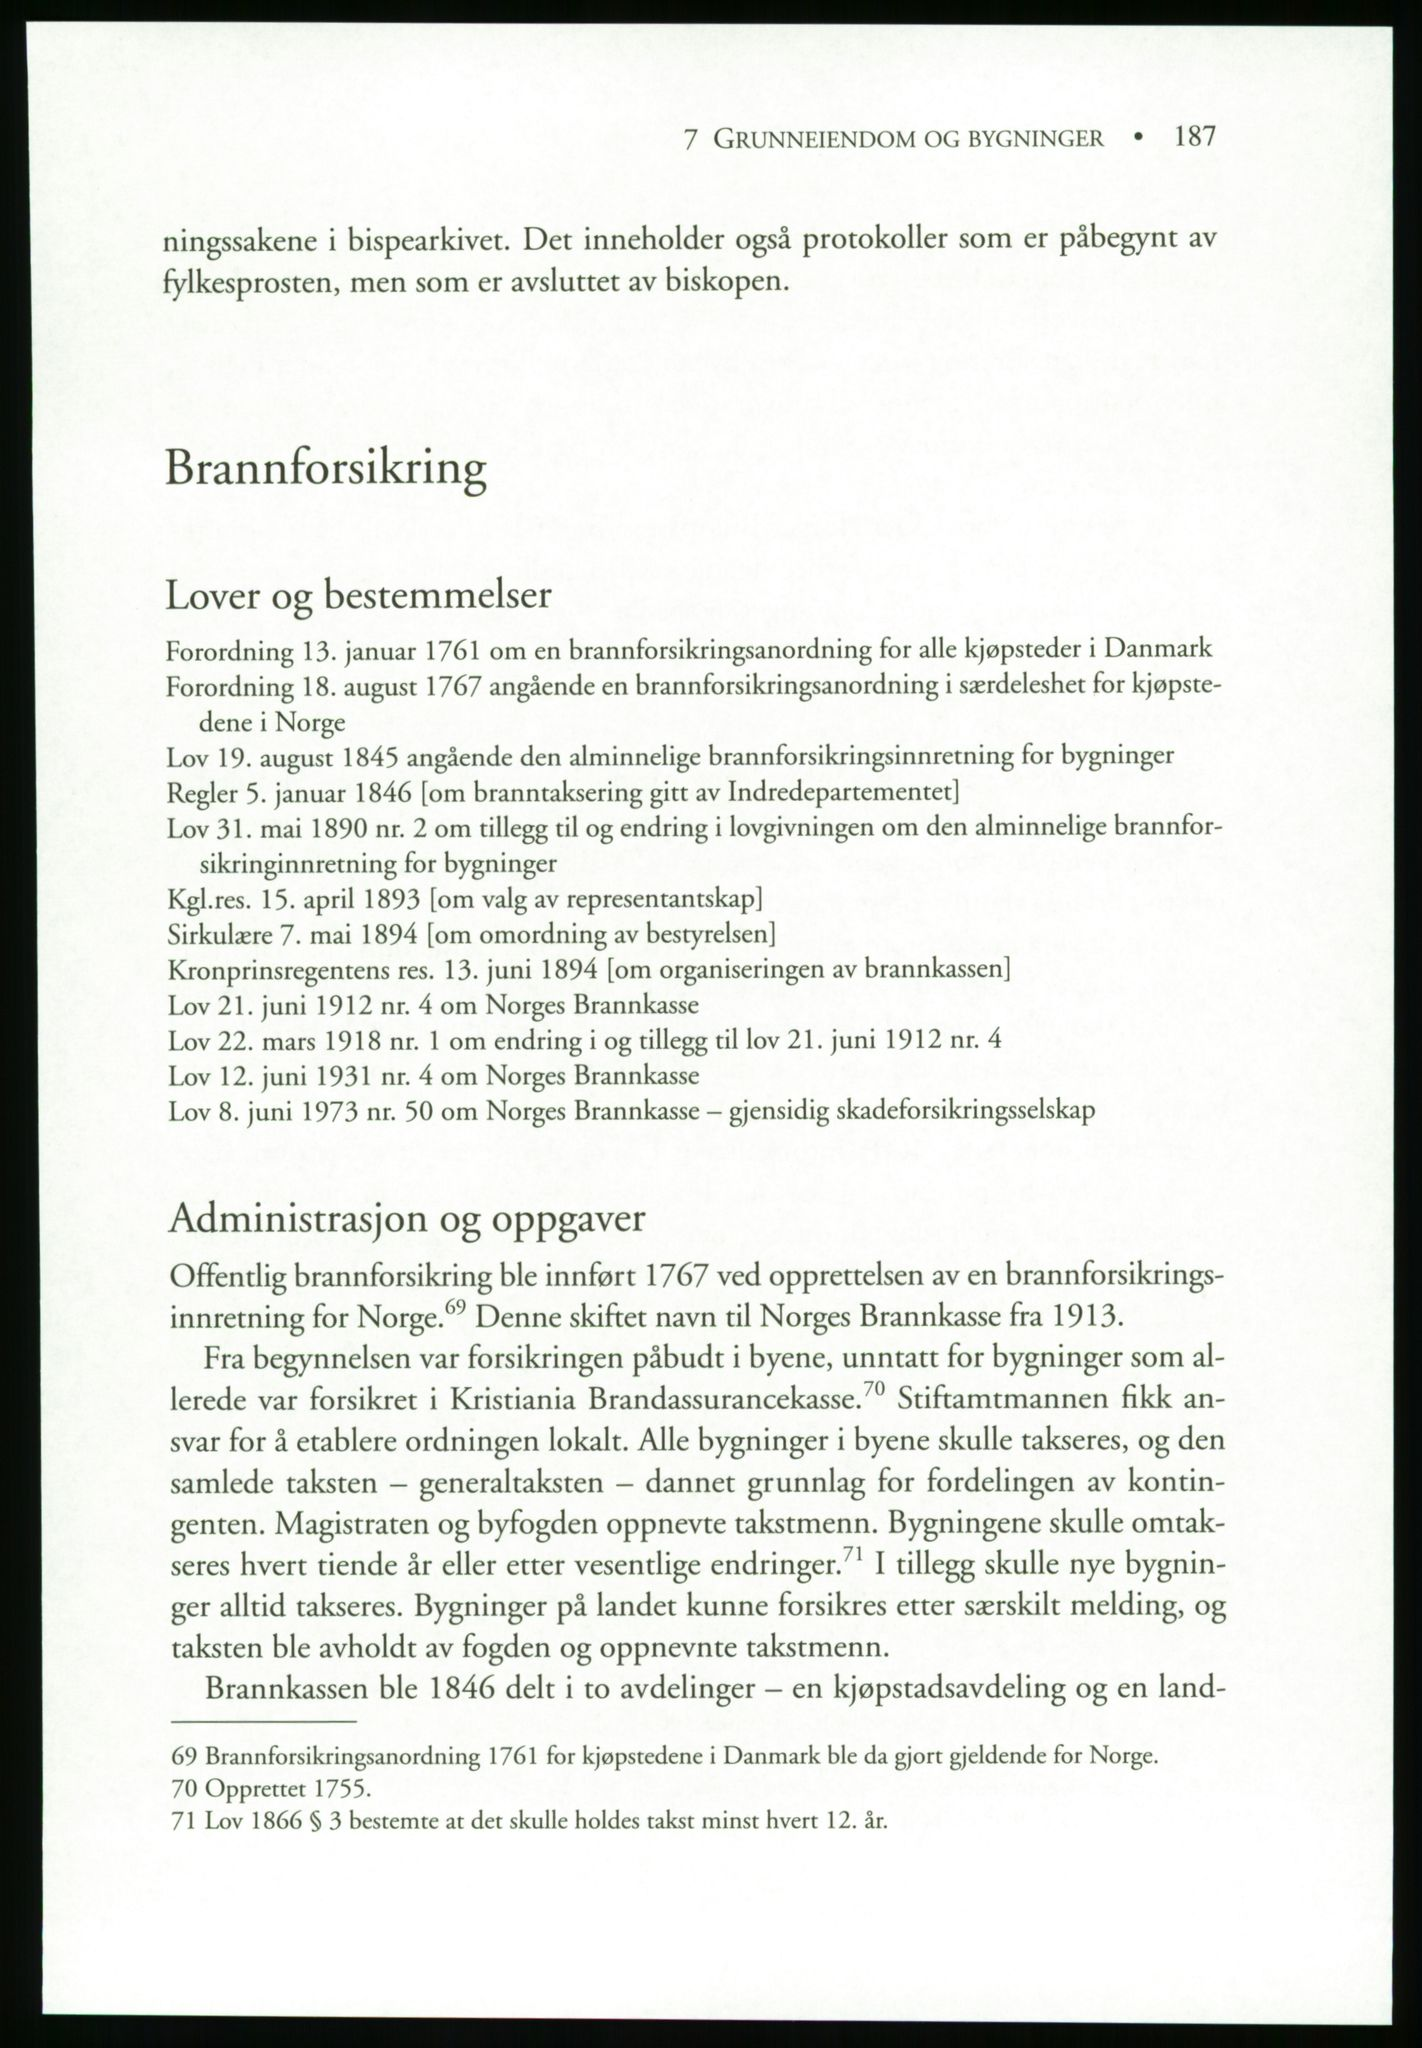 PUBL, Publikasjoner utgitt av Arkivverket, -/19: Liv Mykland: Håndbok for brukere av statsarkivene (2005), 2005, s. 187